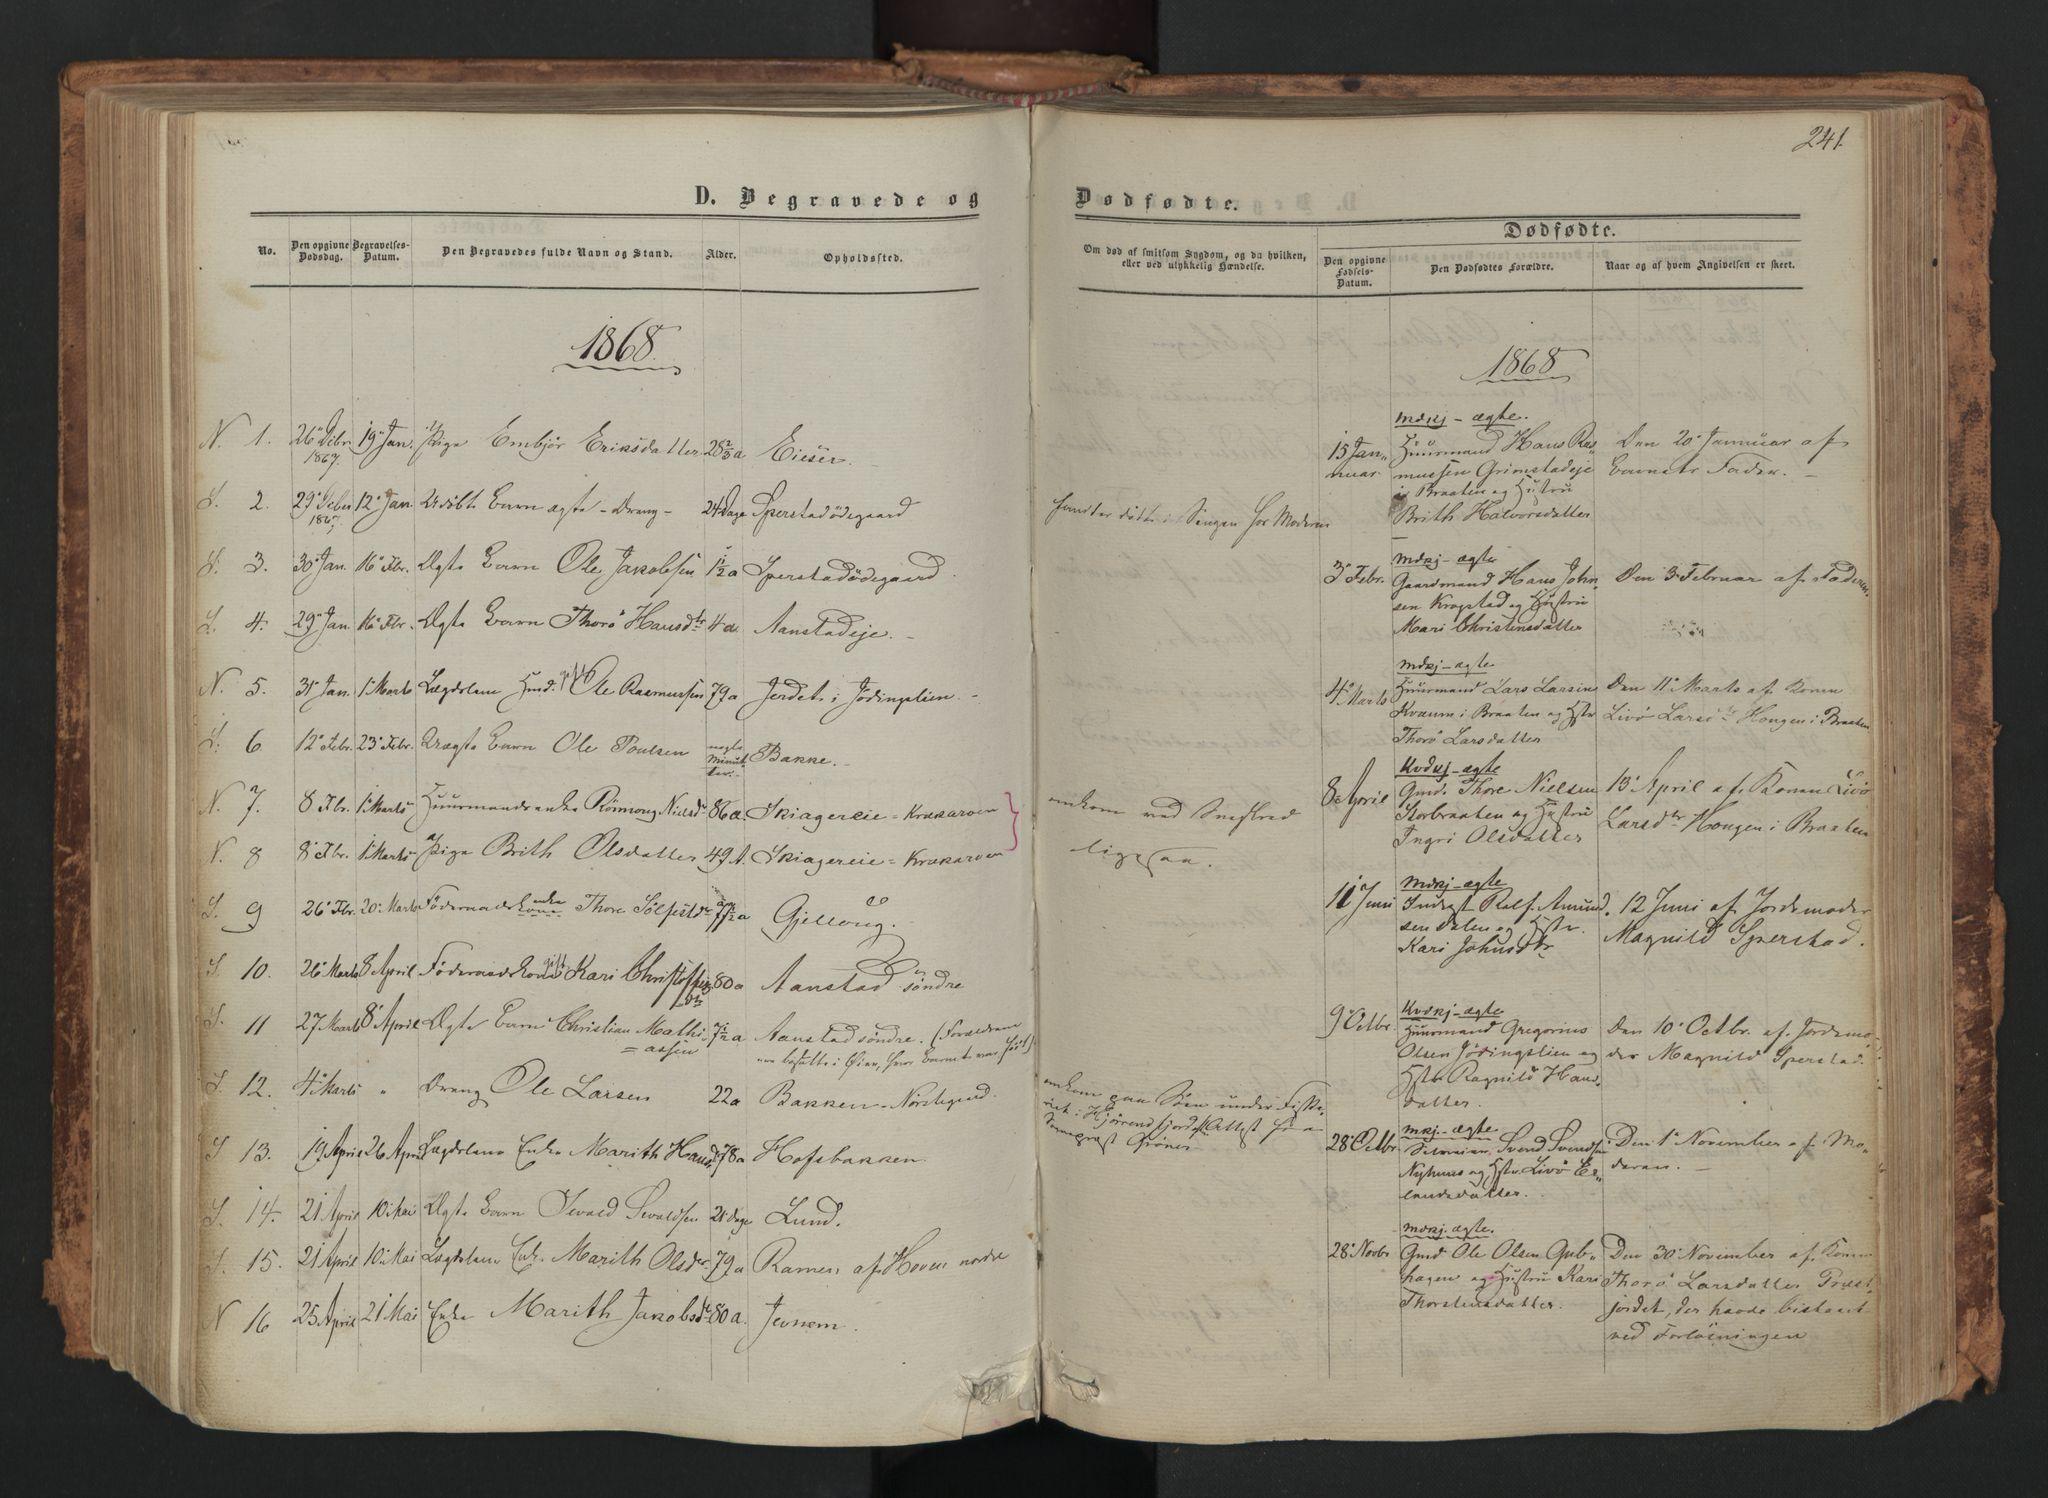 SAH, Skjåk prestekontor, Parish register (official) no. 1, 1863-1879, p. 241